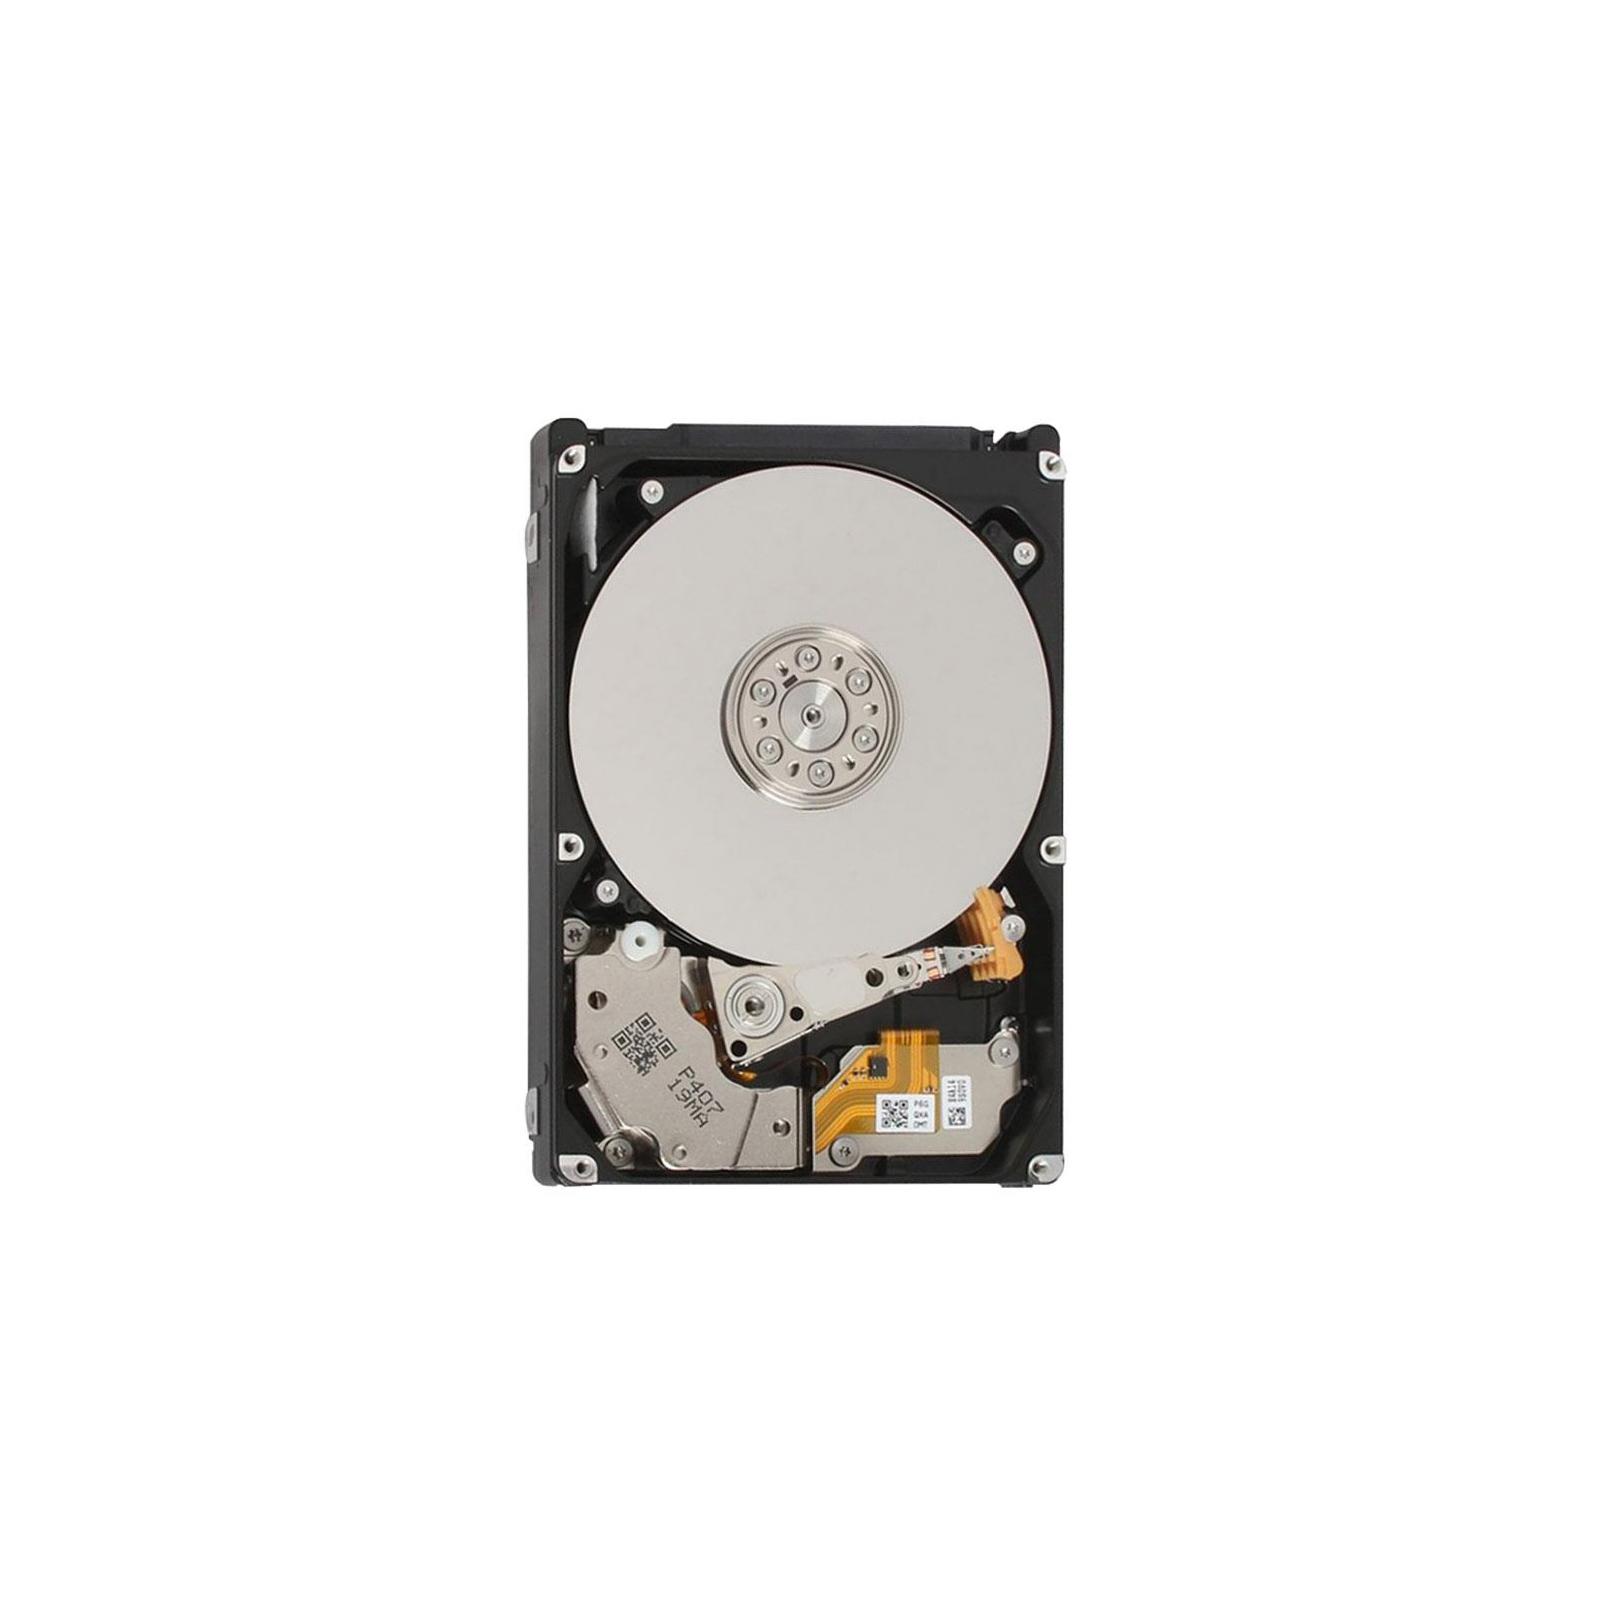 """Жесткий диск для сервера 2.5"""" 900GB SAS 128MB 10500rpm Toshiba (AL15SEB090N)"""